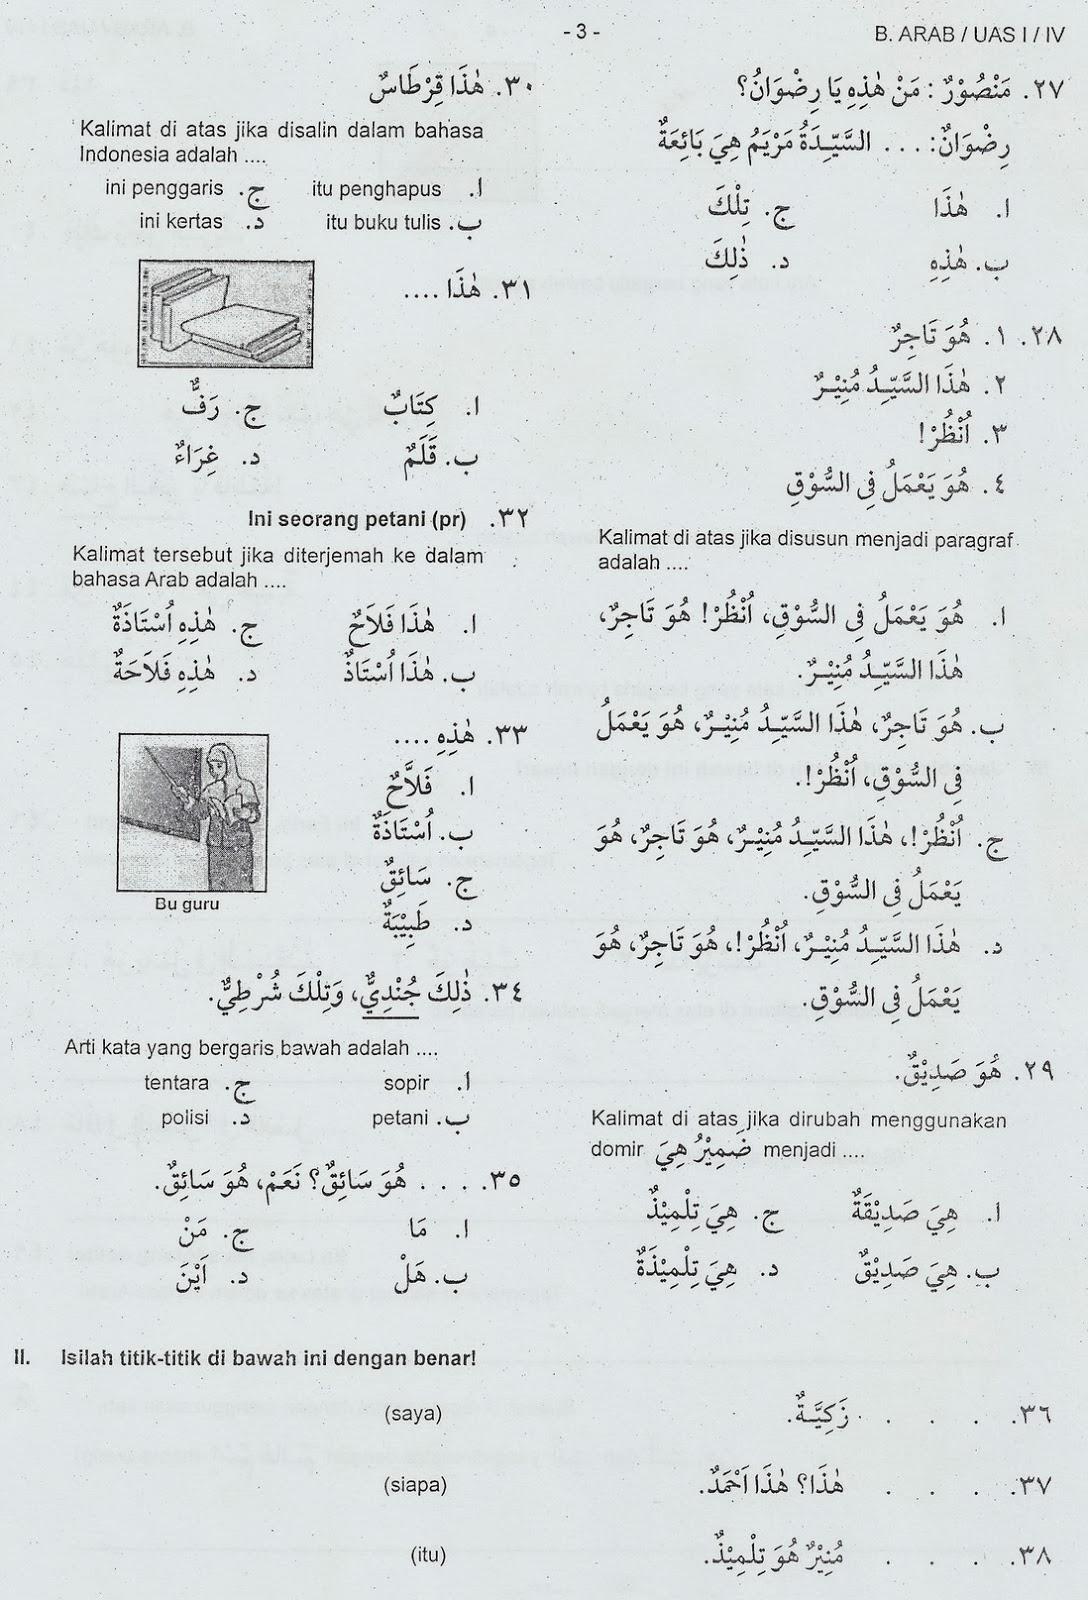 Soal Uas Bahasa Arab Kelas 2 Mi Semester 2 : bahasa, kelas, semester, Latihan, Bahasa, Lasopalight